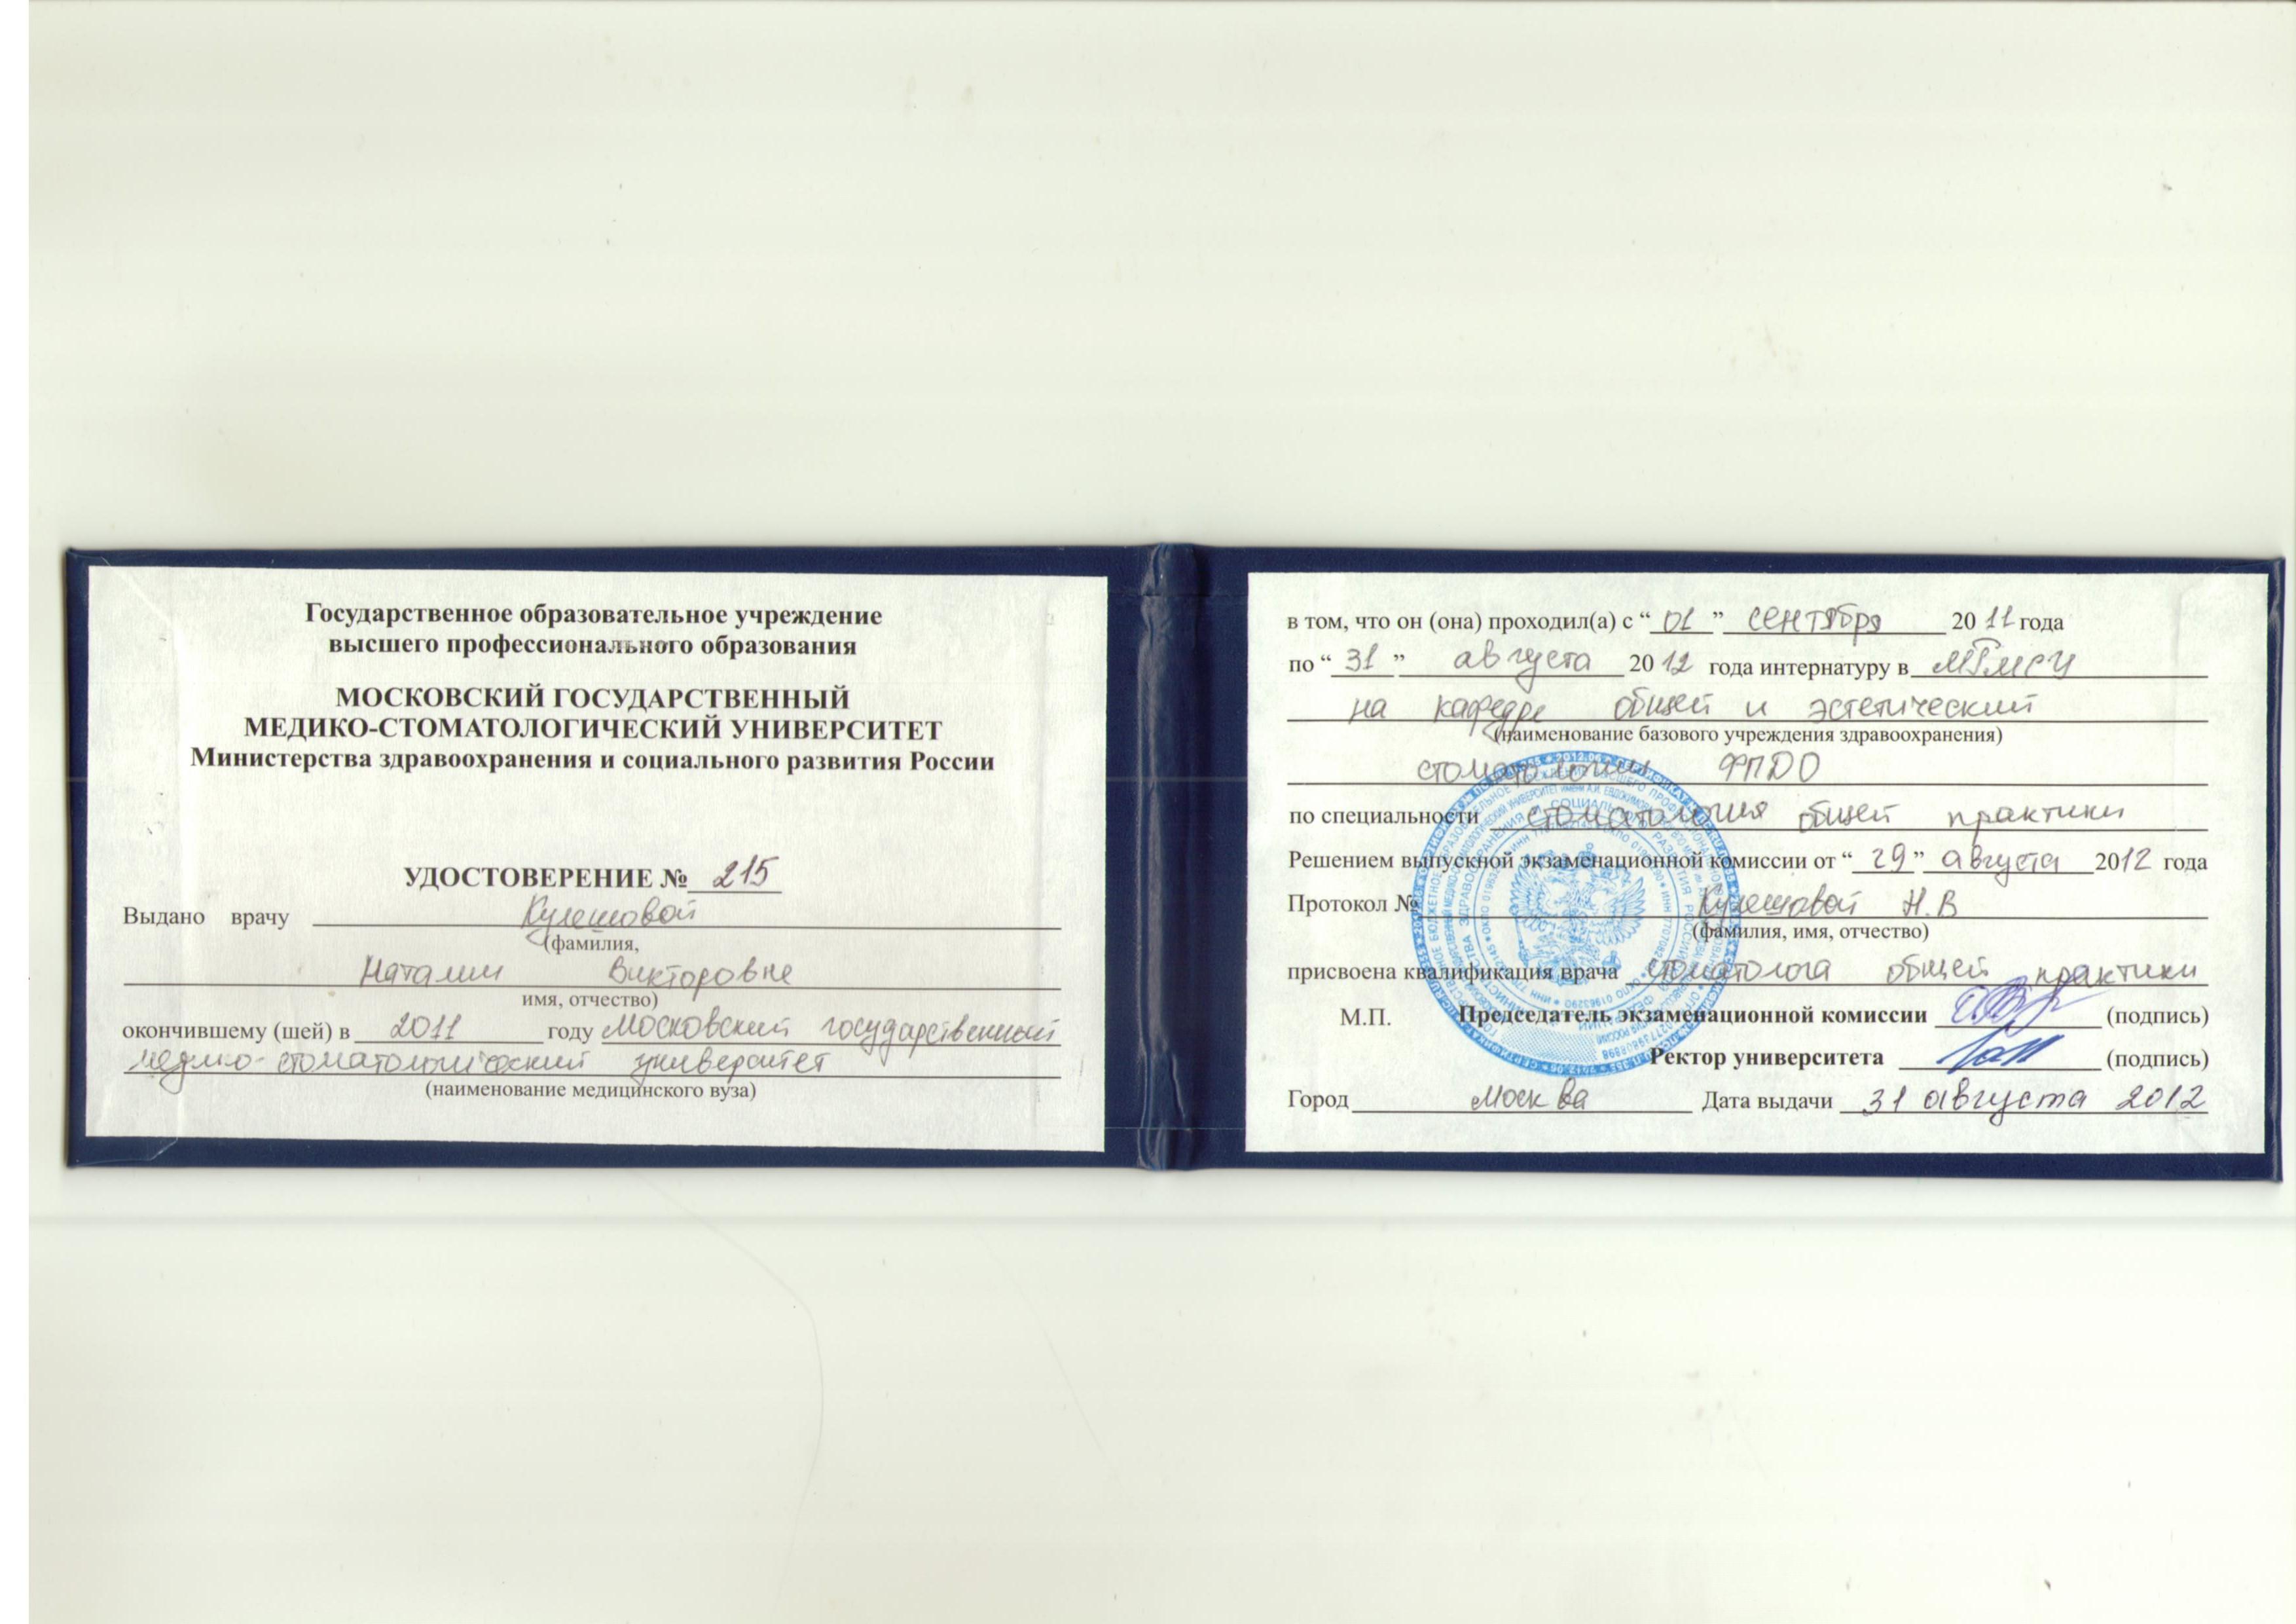 2012 удостоверение стоматолог общей практики